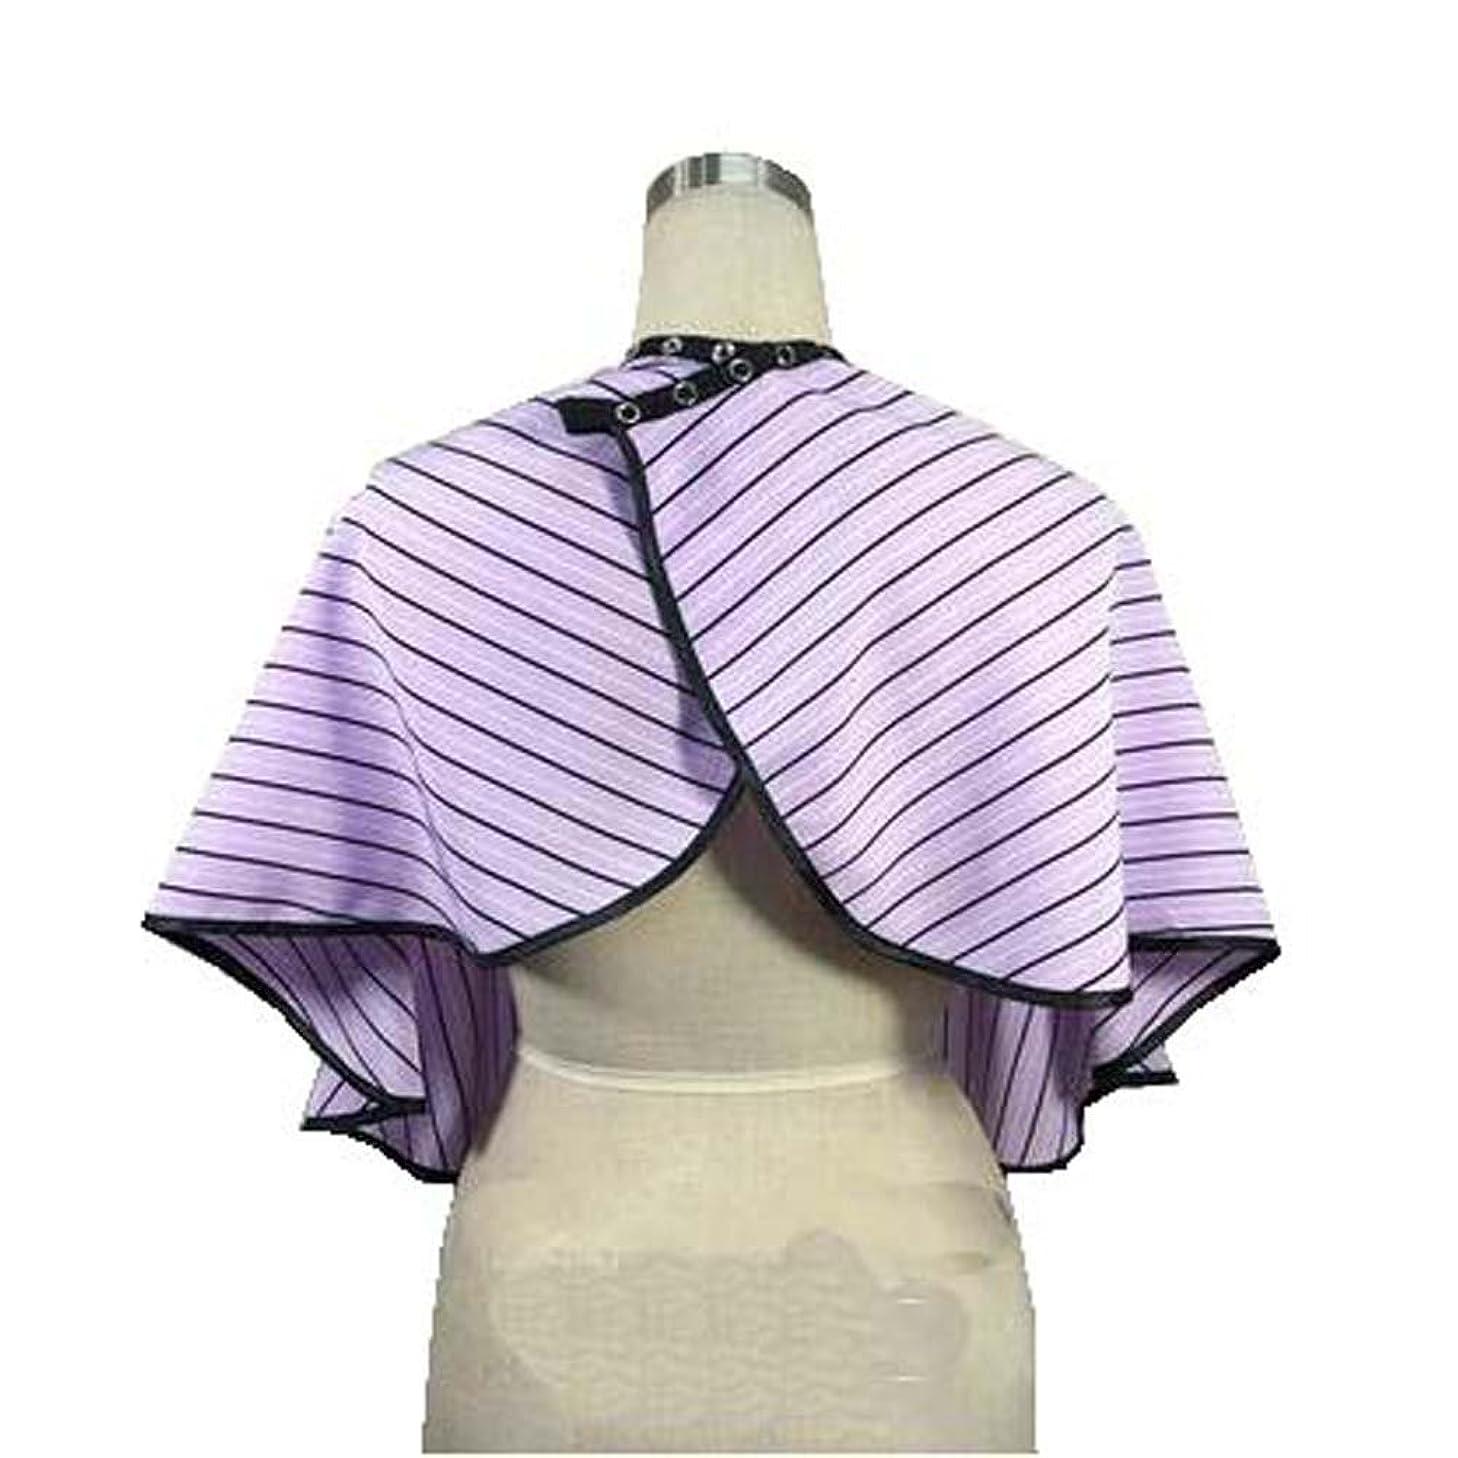 衝動ポゴスティックジャンプテンポ美容院のクライアントガウンのボタンの閉鎖、紫色の縞が付いている防水着色の染料の岬のスモック